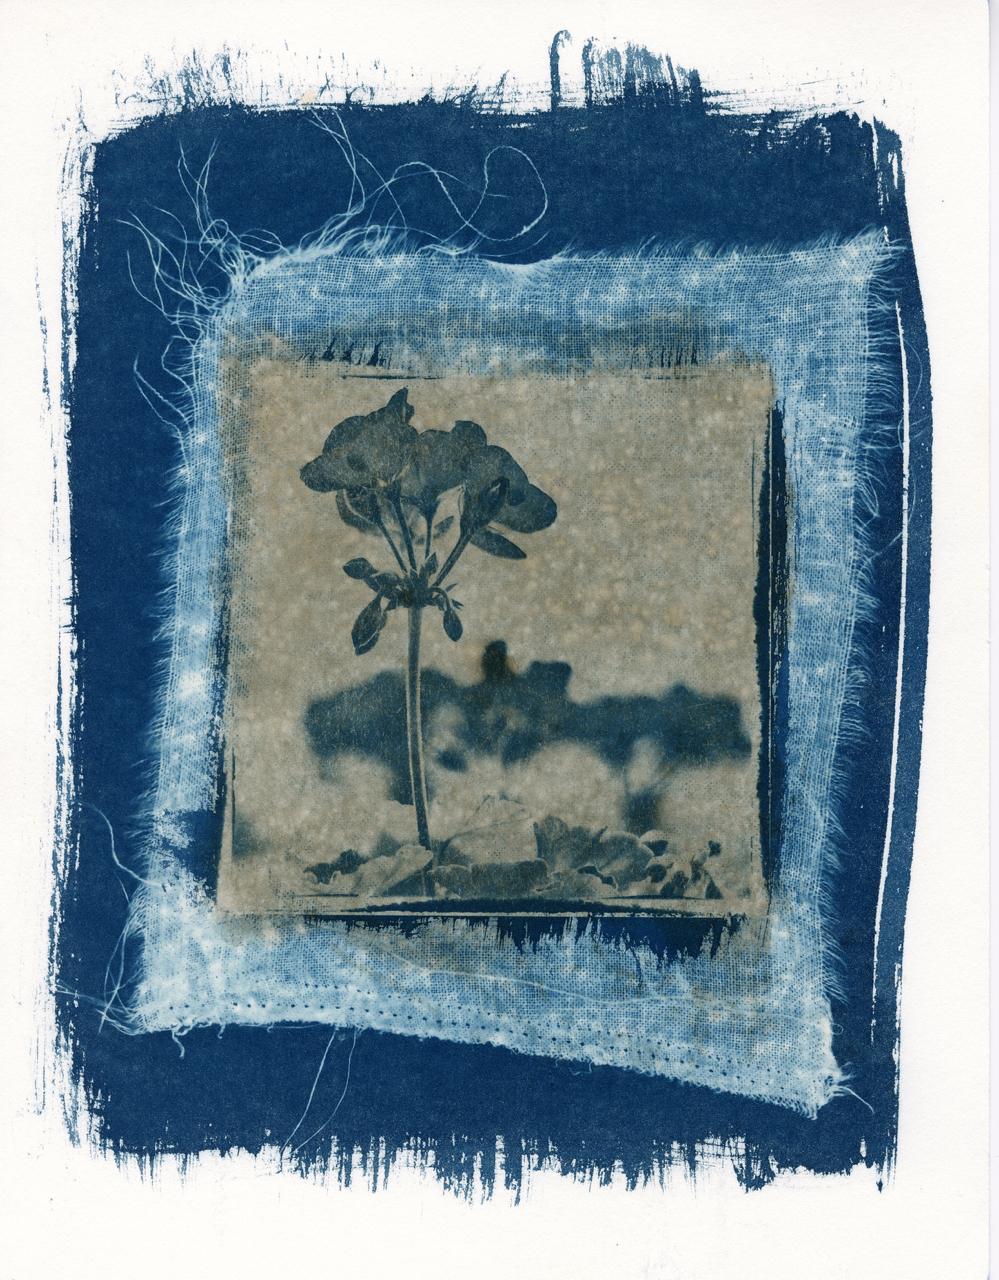 Cyanotype channeling Rothko 3